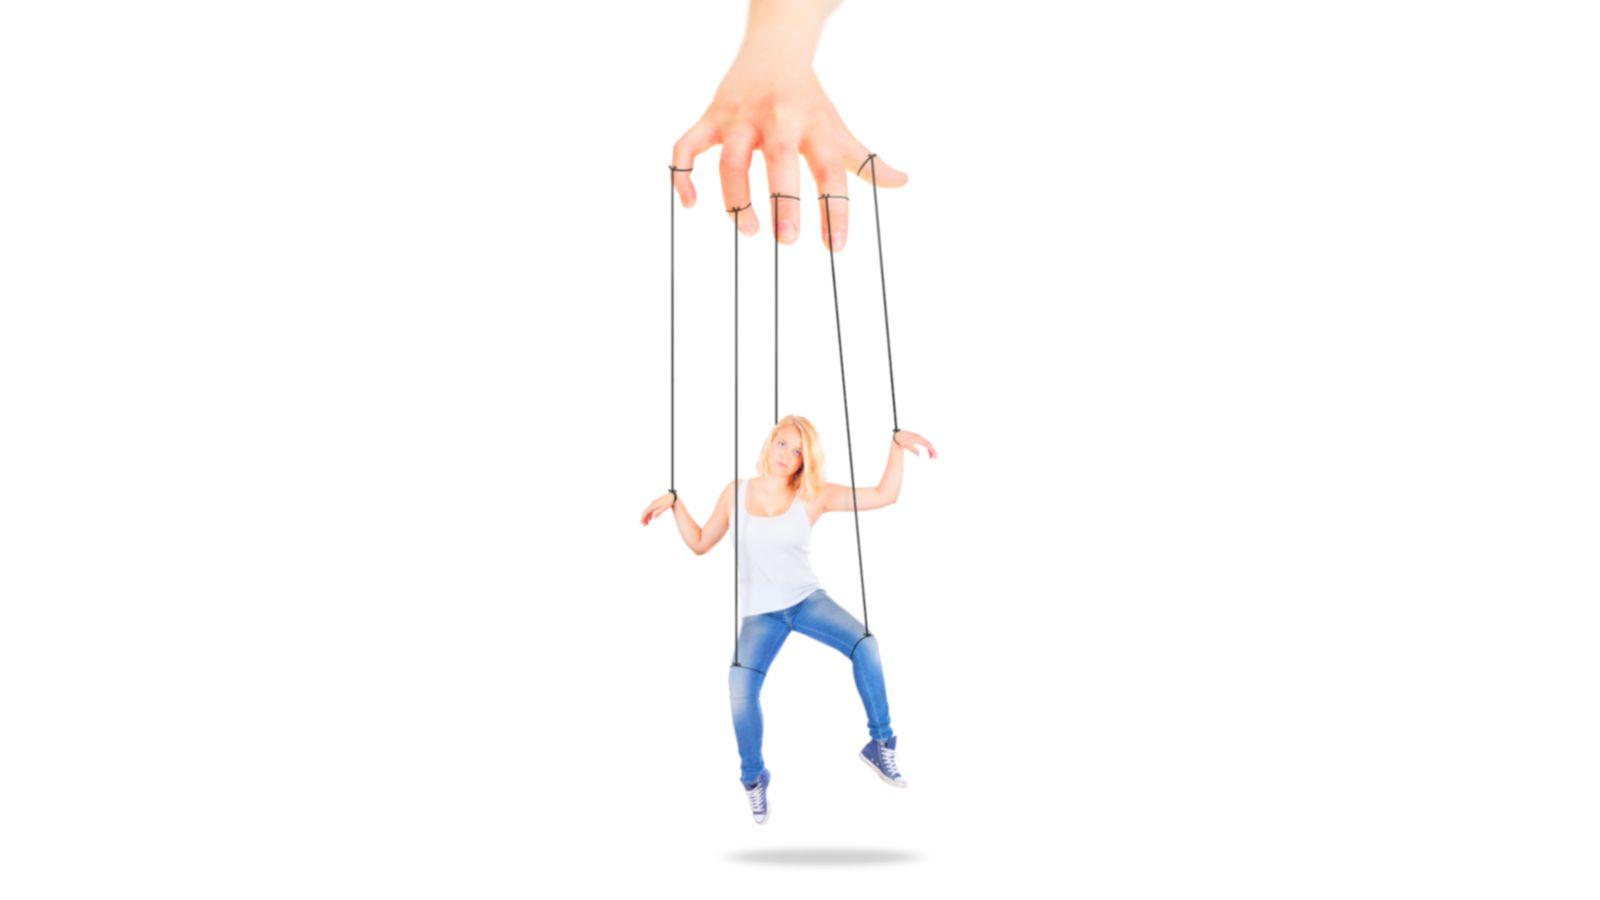 Das verzweifelte Bemühen, Streit zu vermeiden, macht aus ihr (s)eine Marionette